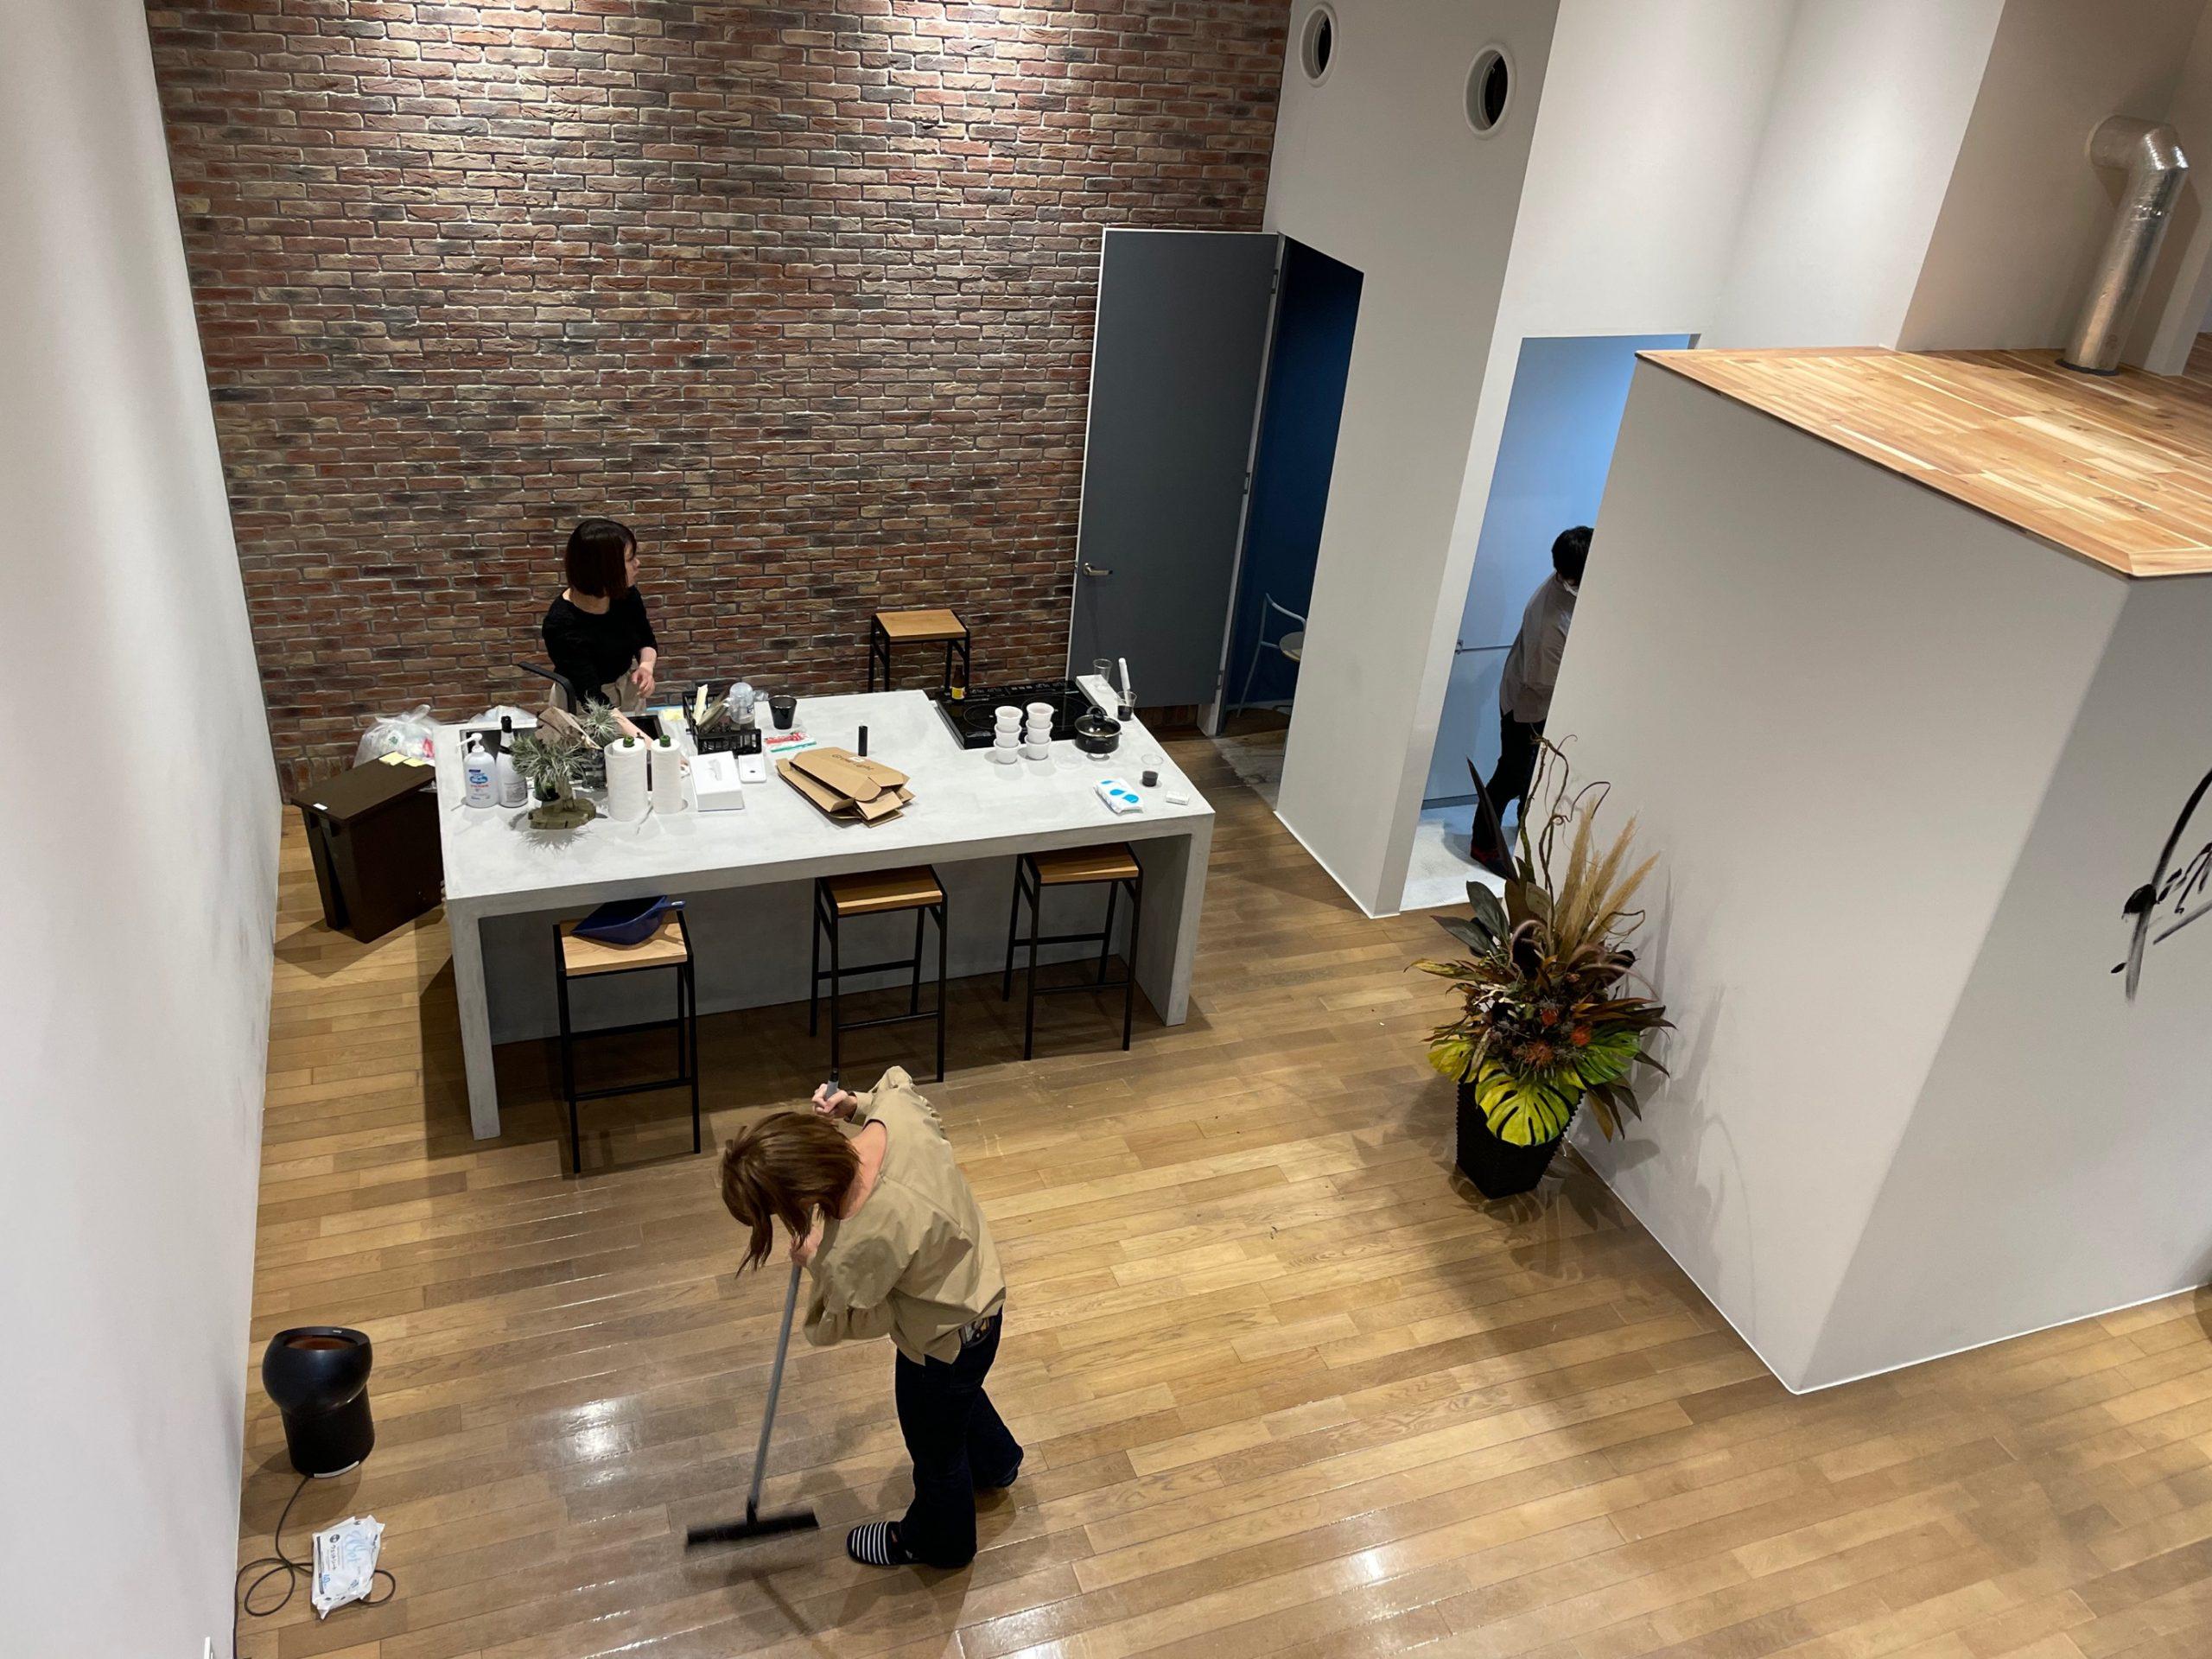 床, 屋内, テーブル, 建物 が含まれている画像  自動的に生成された説明